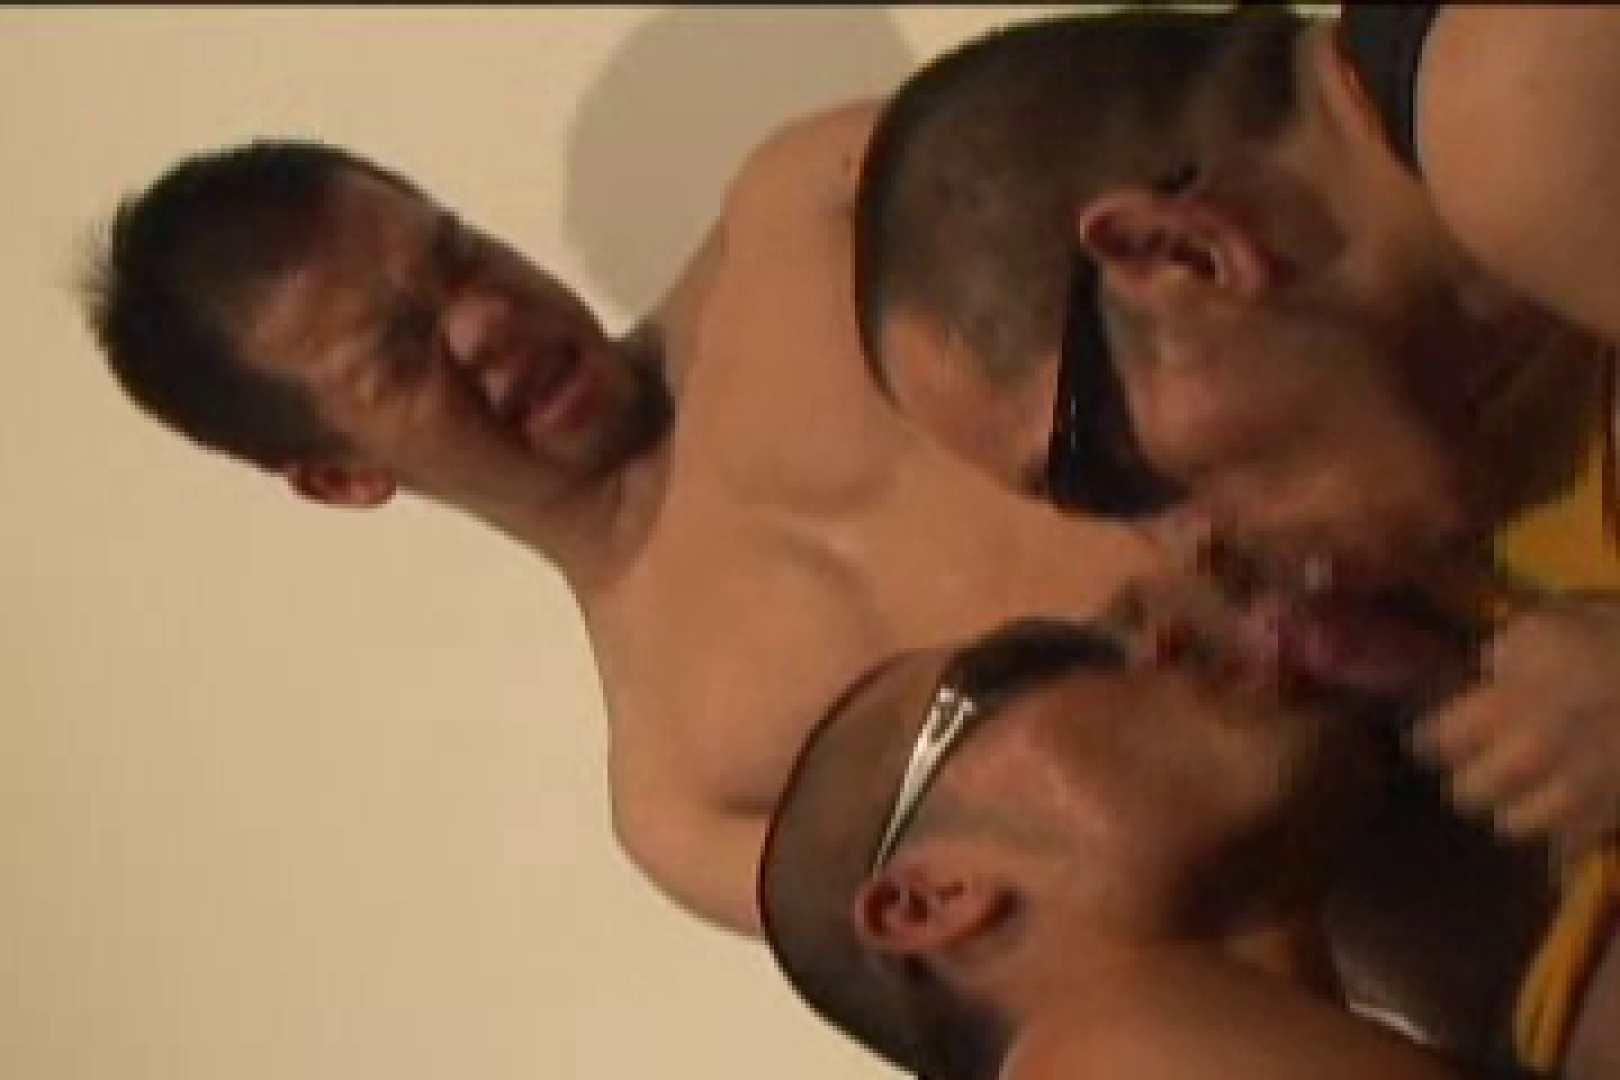 スポMENファック!!反り勃つ男根!!vol.14 スポーツマン ゲイSEX画像 55画像 30